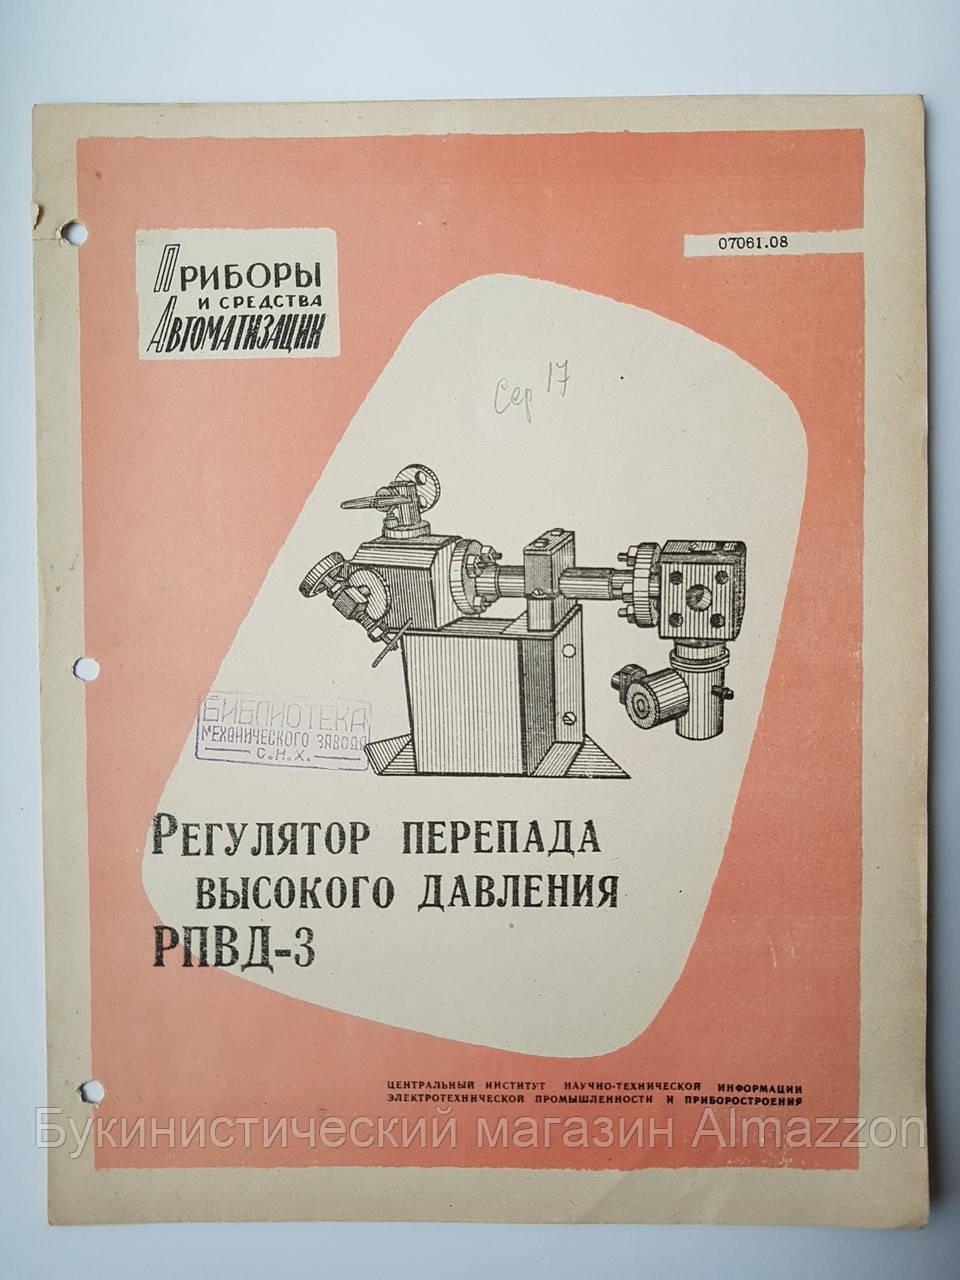 """Журнал (Бюллетень) """"Регулятор перепада высокого давления РПВД-3  07061.08"""" 1962 г."""